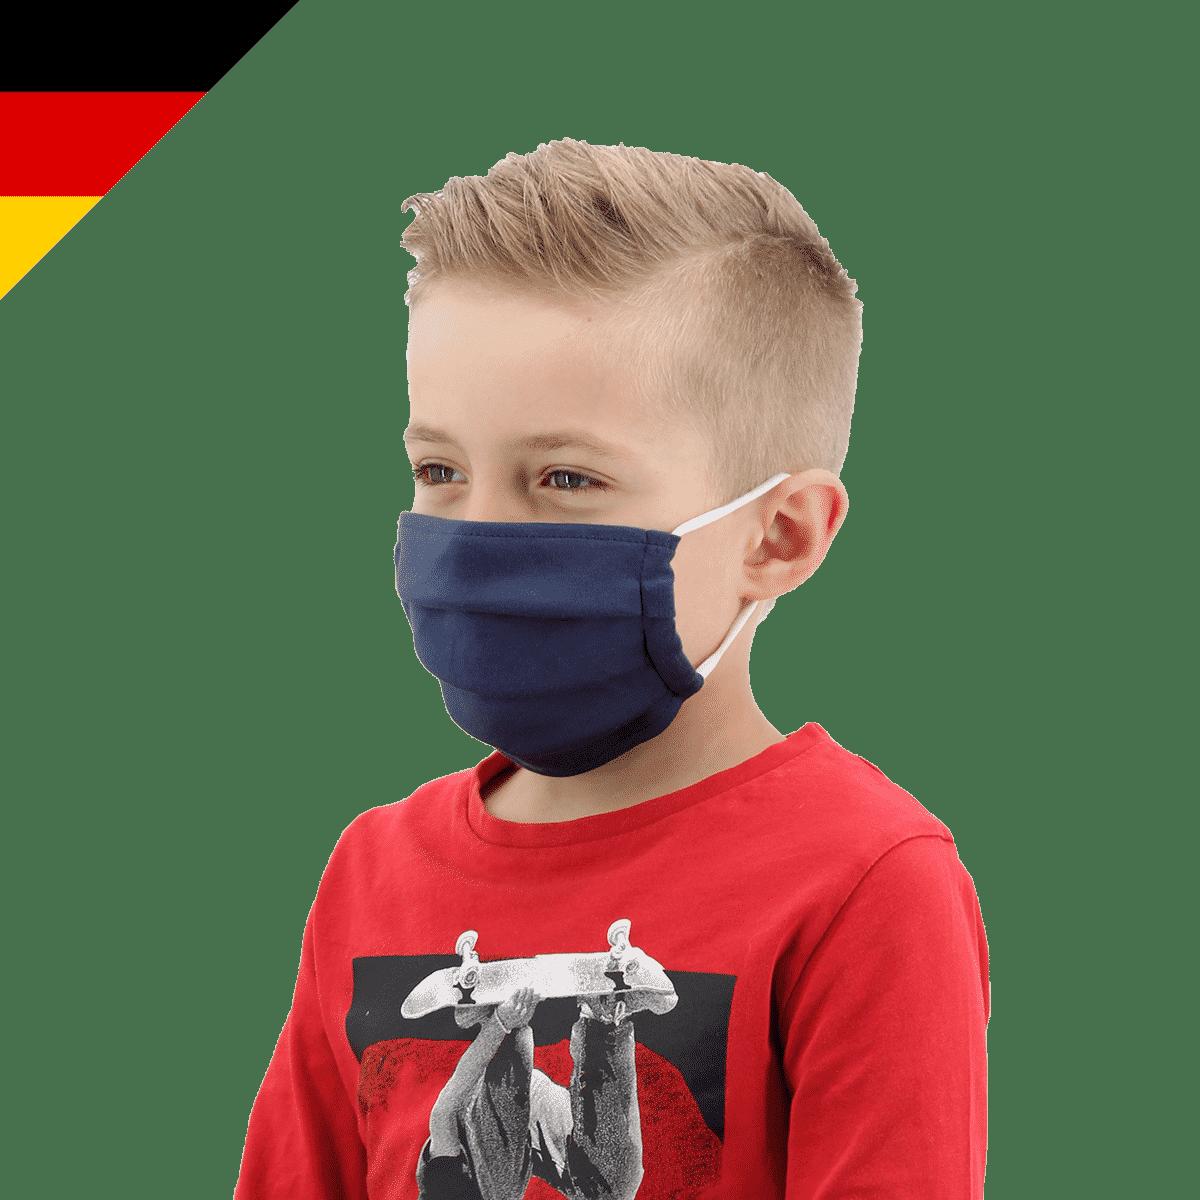 Kindermaske Made in Germany